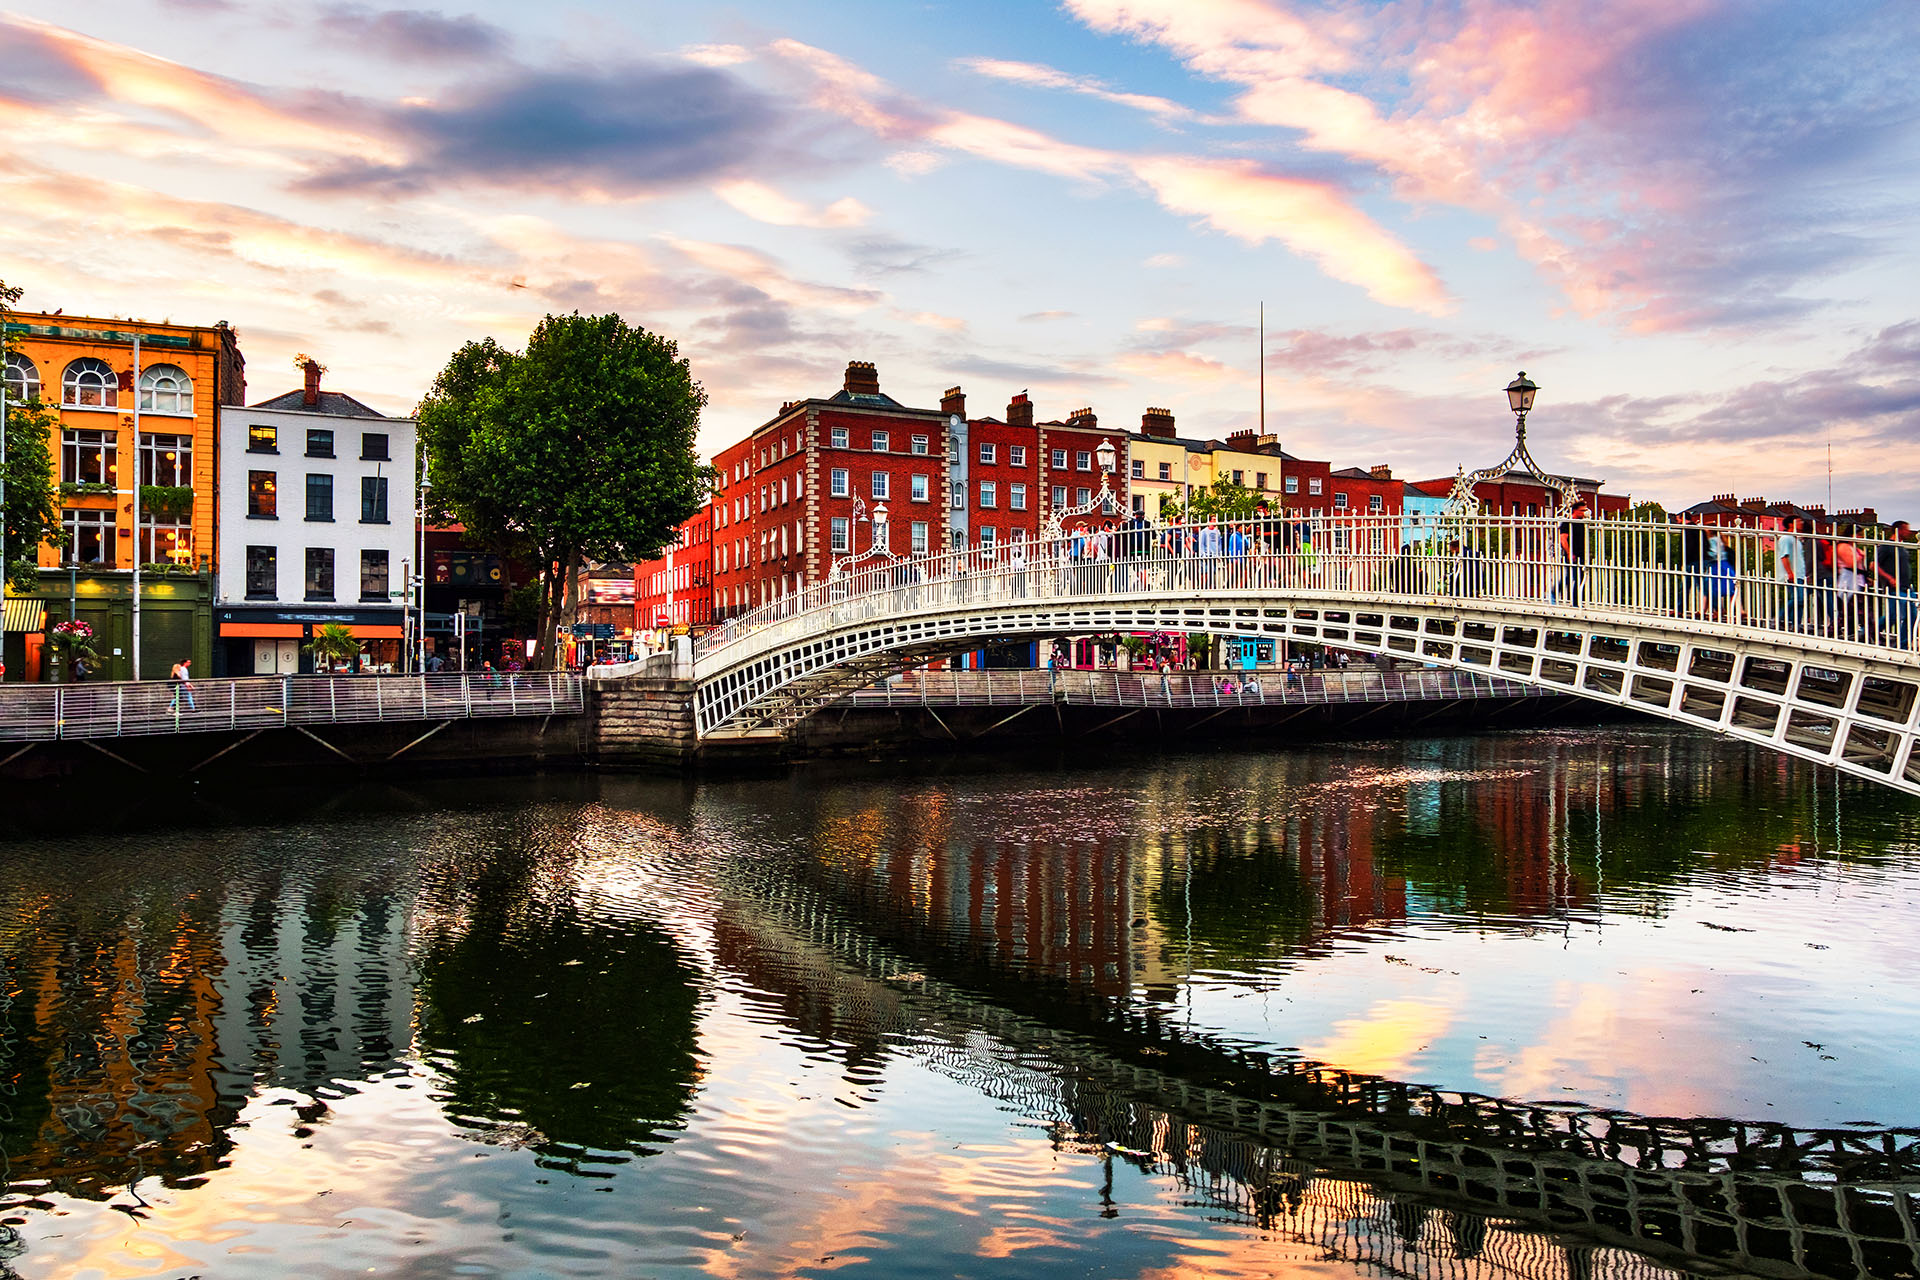 No solo Dublín es para beber cerveza e ir de pub en pub, el Castillo de Dublín es una de las atracciones turísticas más atractivas para nutrirse de historia sobre la ciudad. También recomiendan visitar los acantilados de Moher